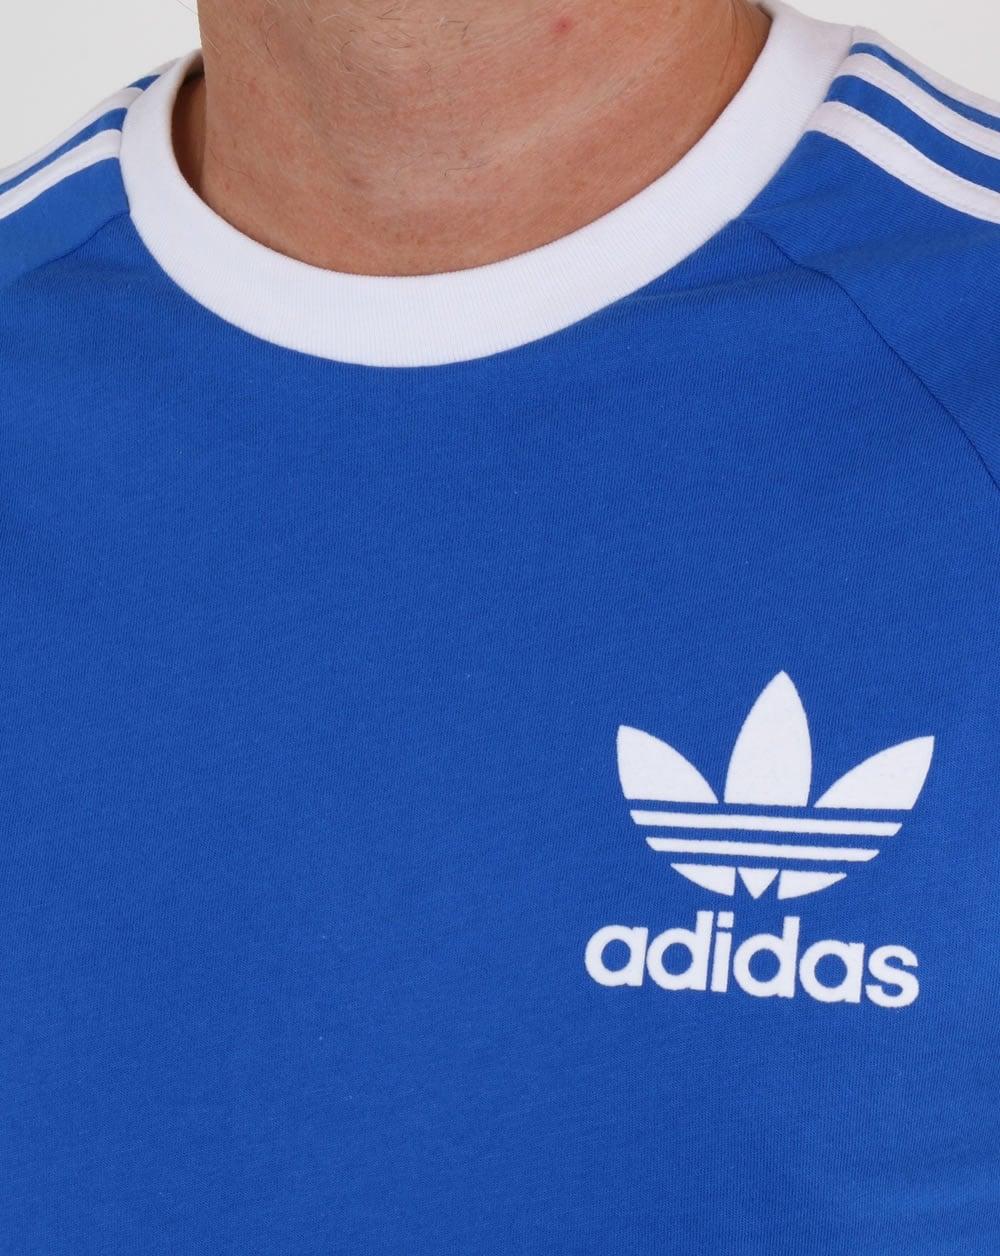 Adidas Originals Retro 3 Stripes T Shirt Blue white